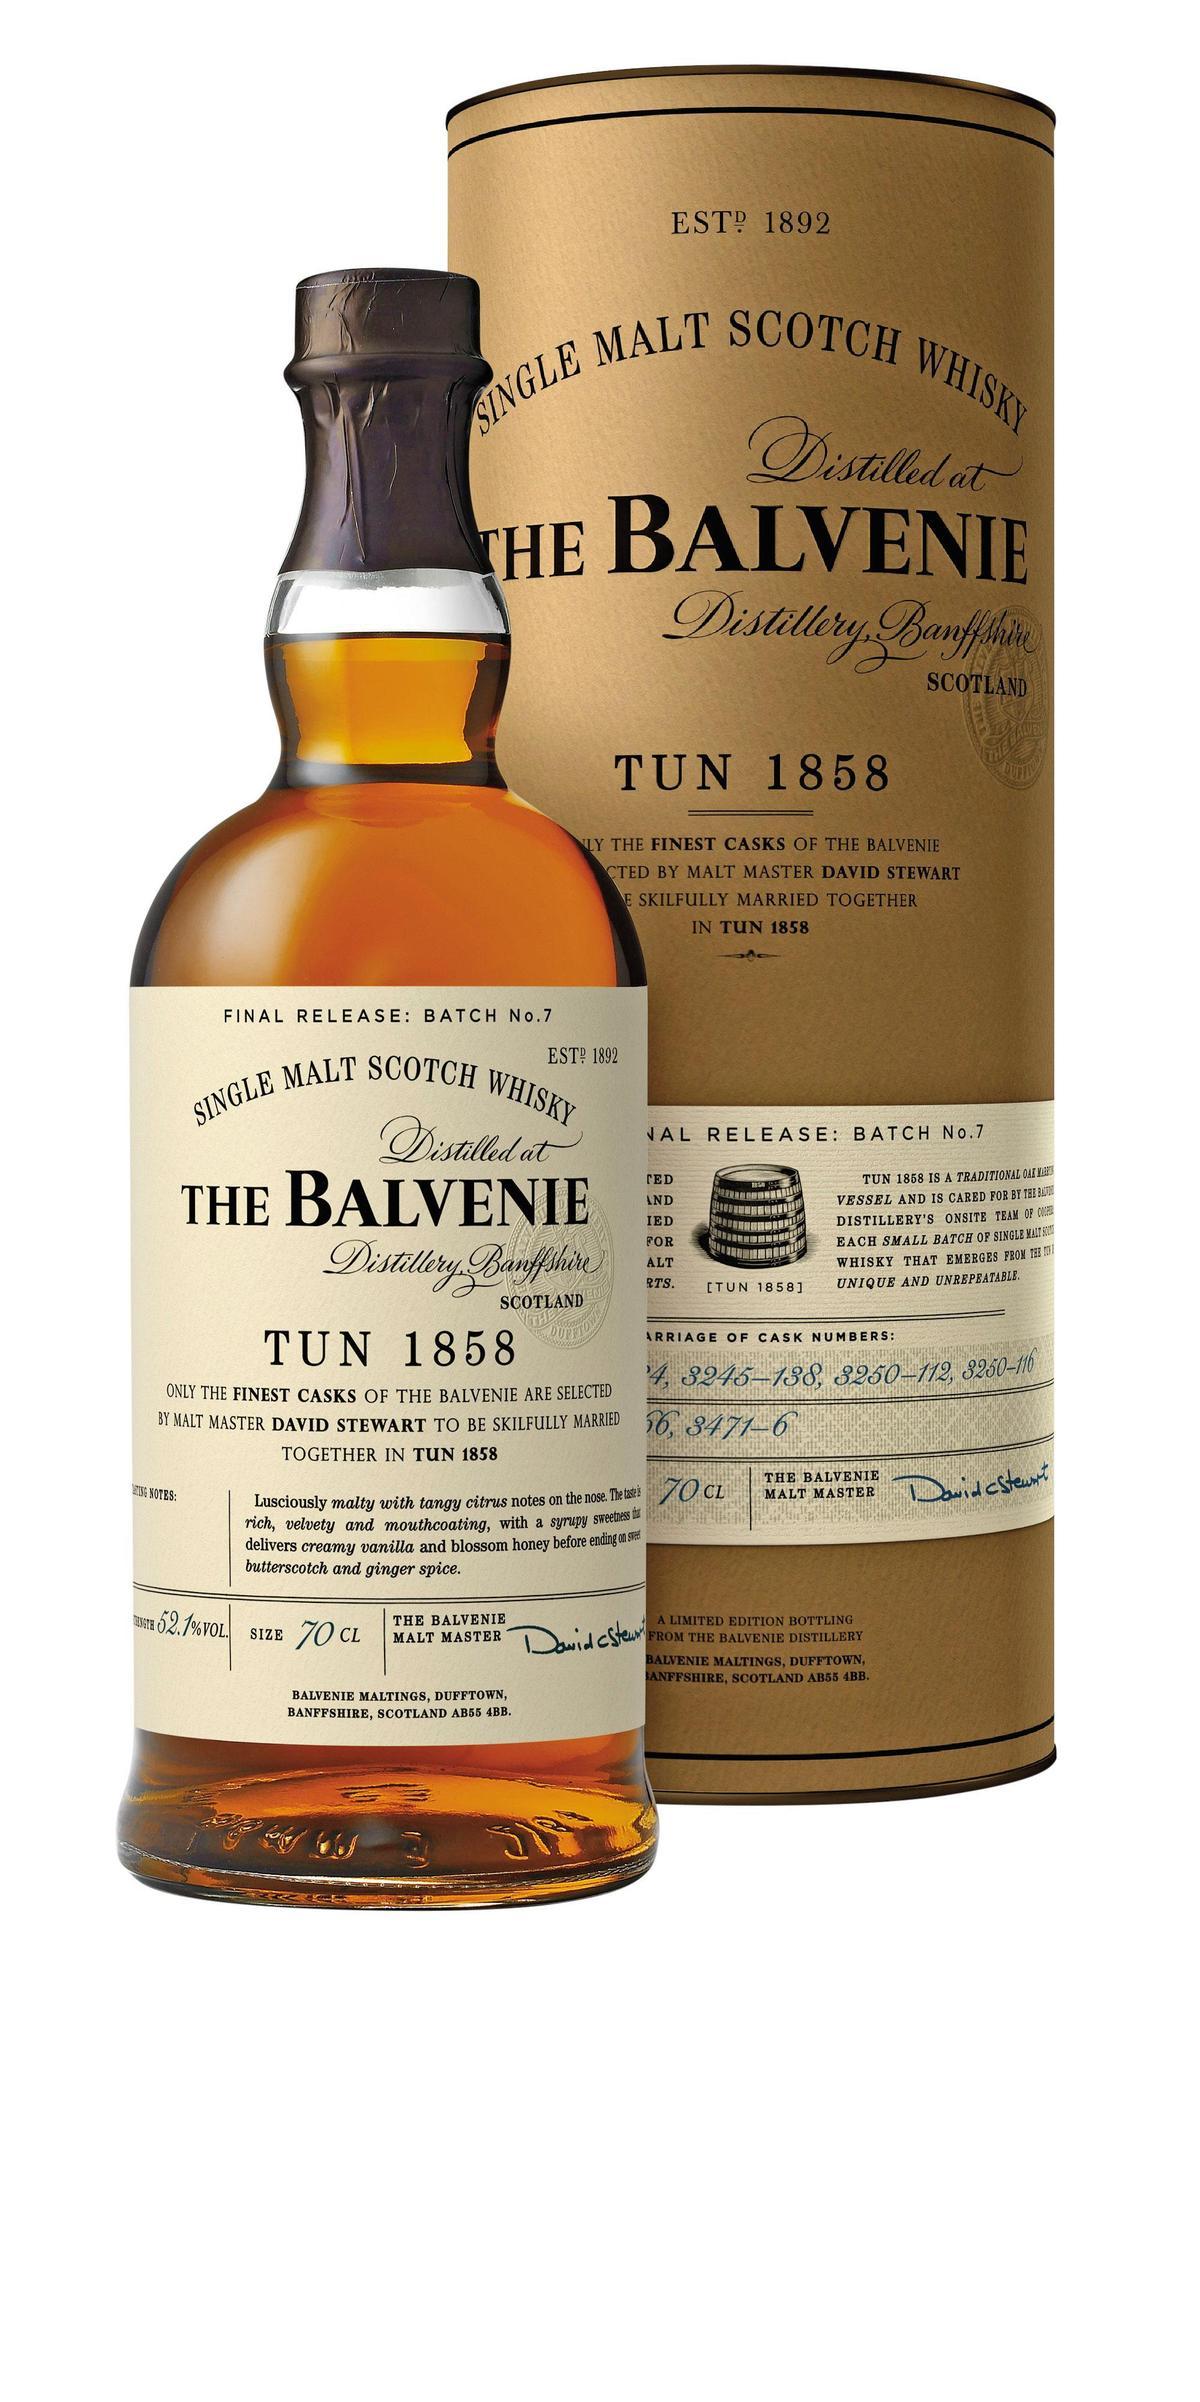 百富1858號上的酒標標示了「TUN1858」,意即融合桶的編號。